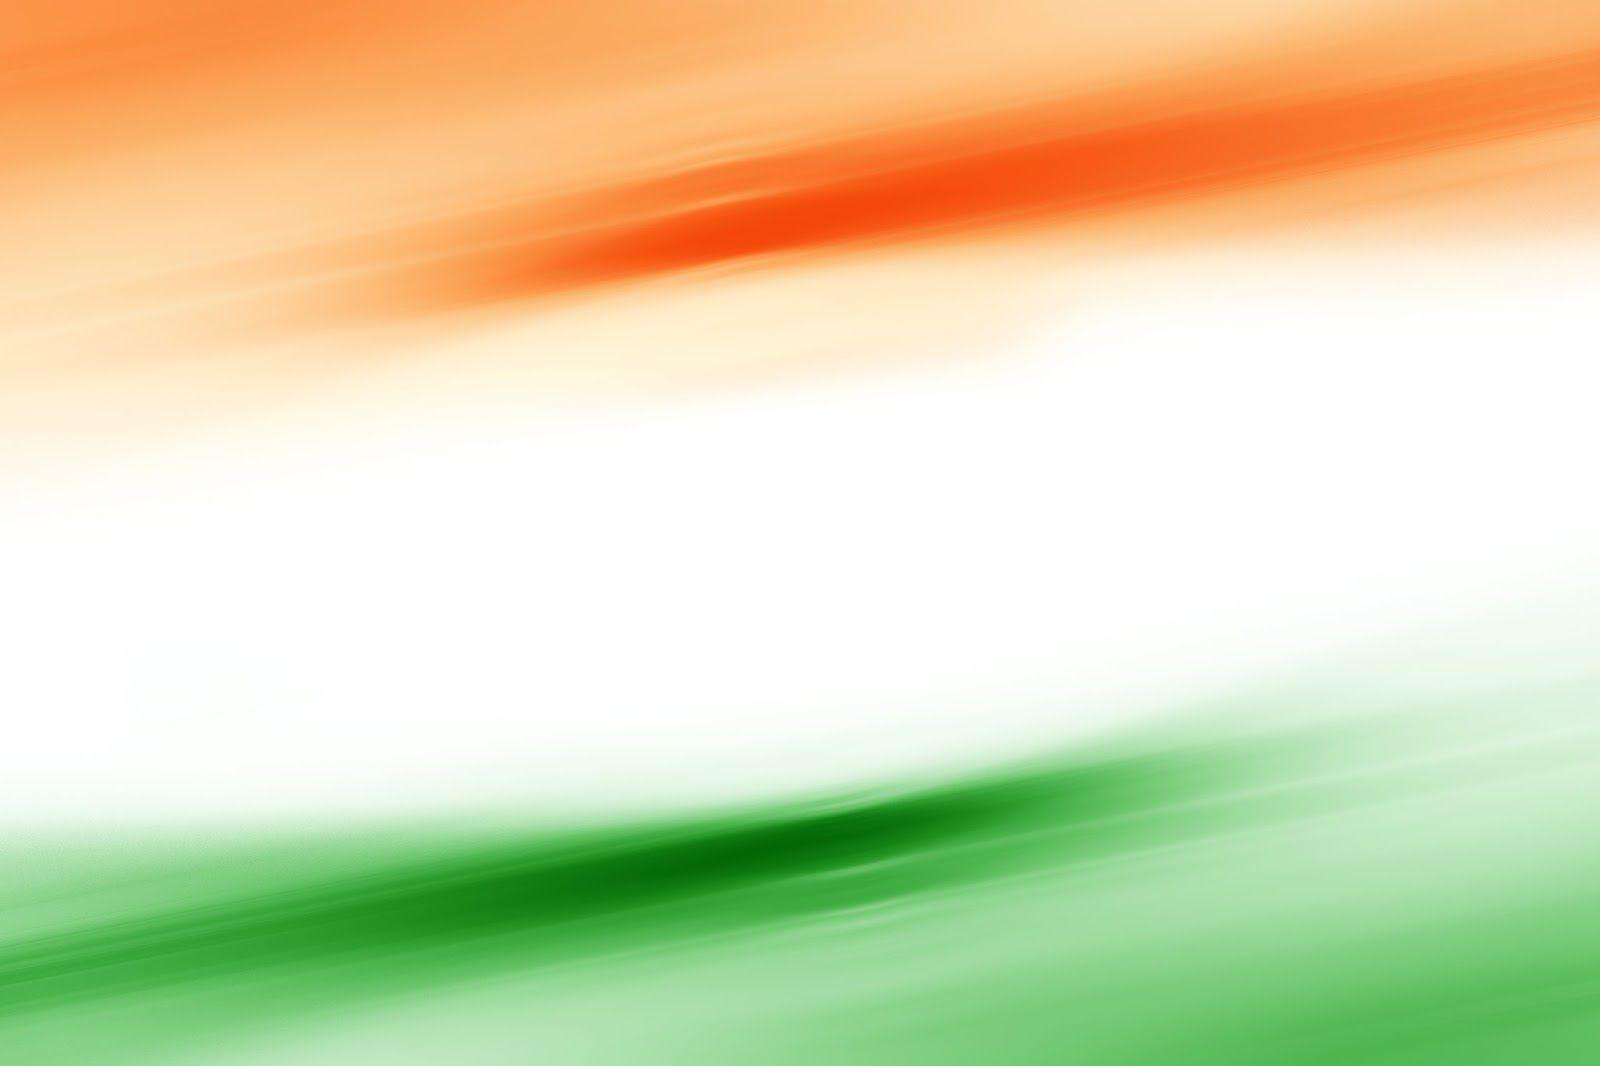 Tiranga Wallpaper Indian Flag Freebek Indian Flag Indian Flag Wallpaper Indian Flag Colors